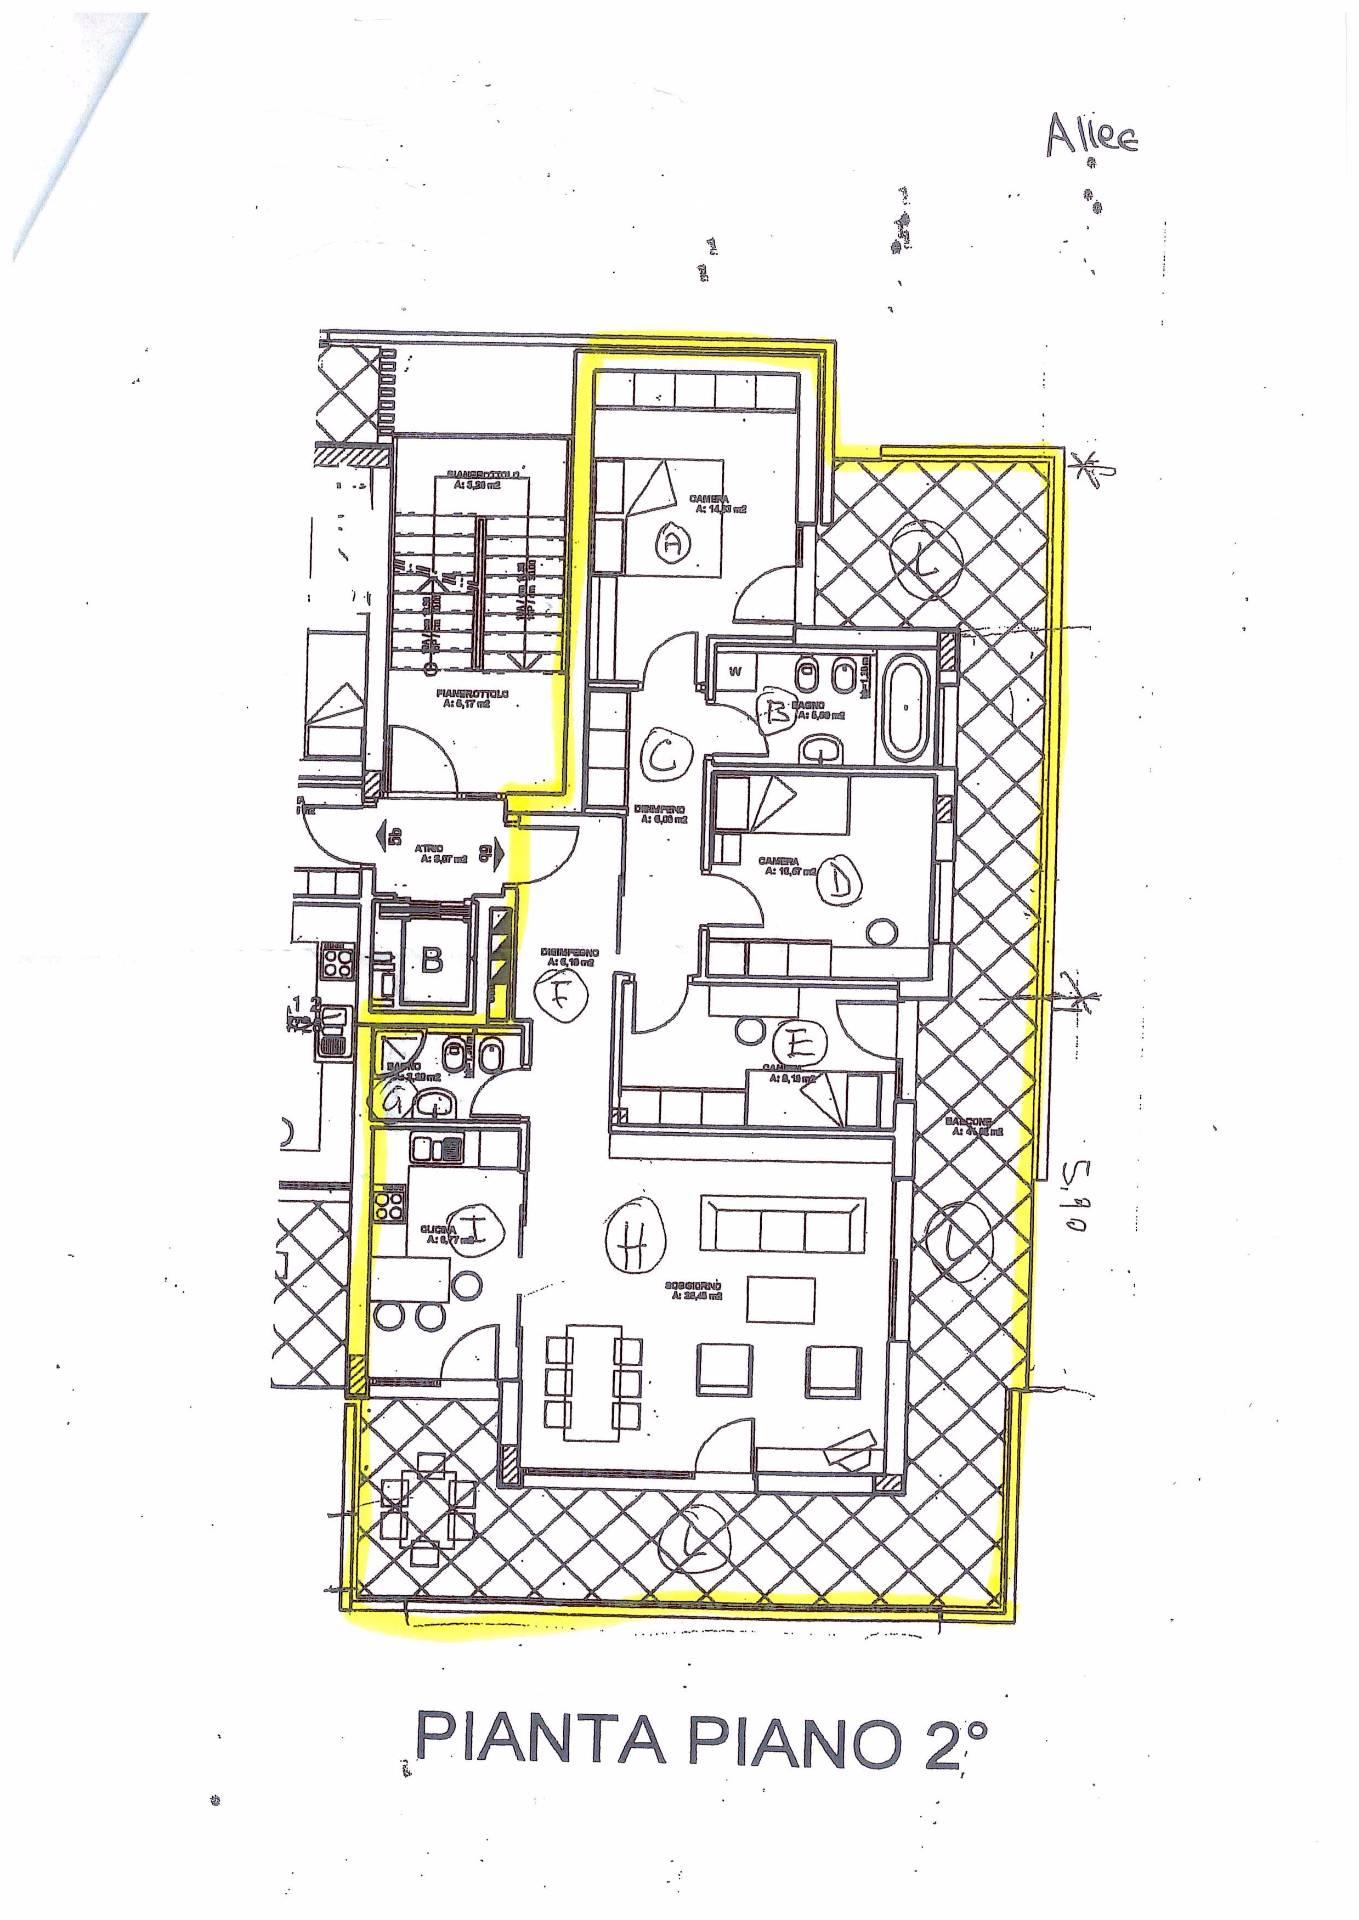 Appartamento in affitto a Bolzano, 5 locali, zona Zona: Residenziale, prezzo € 1.400 | Cambio Casa.it